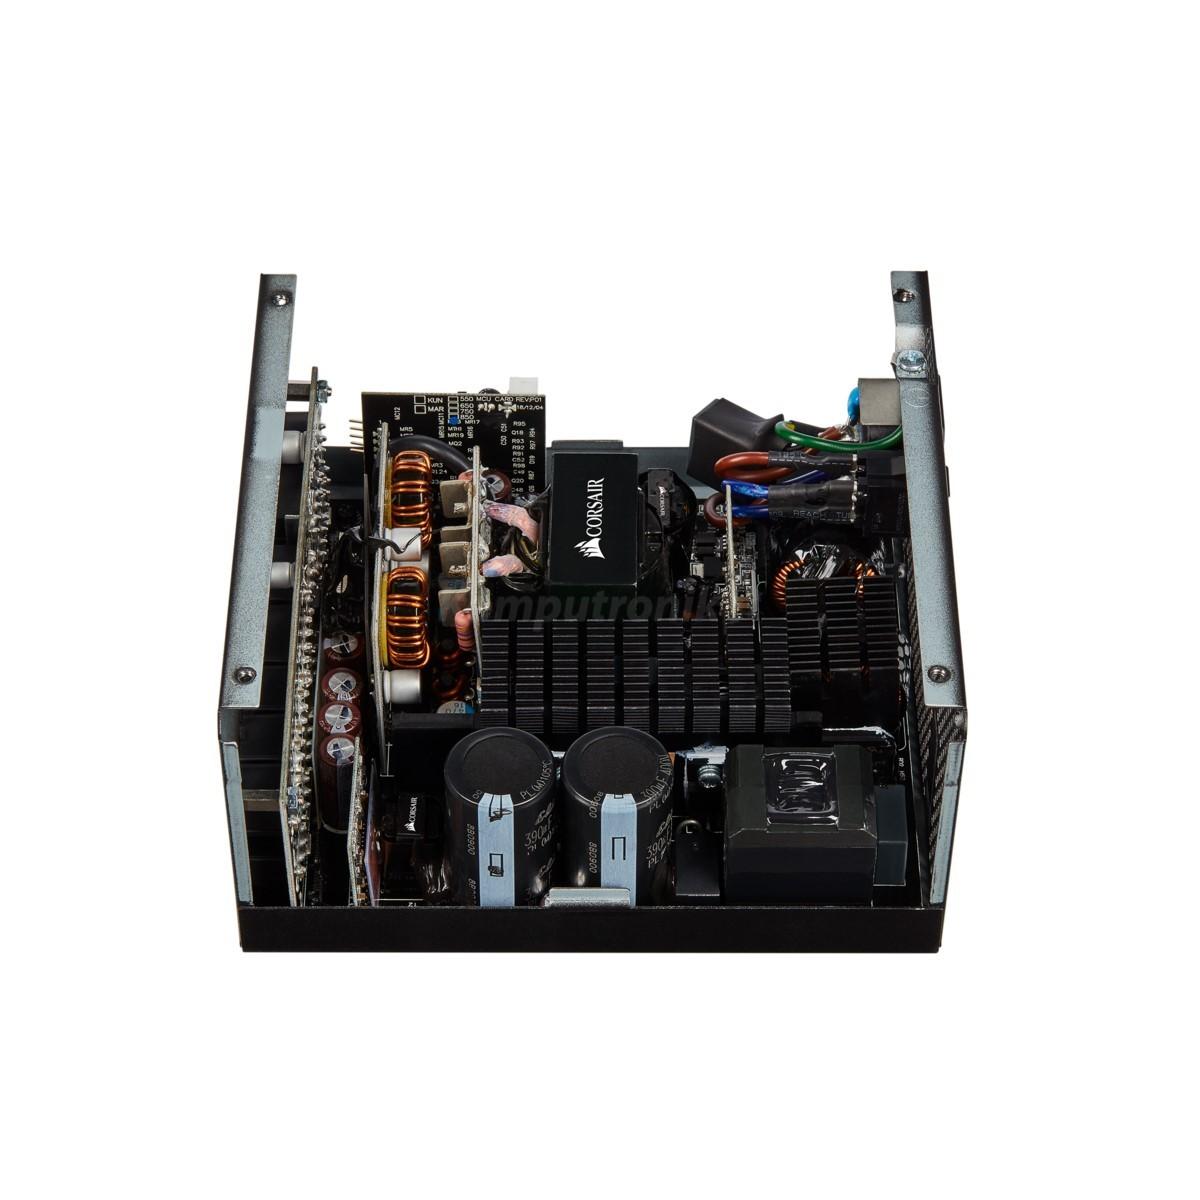 Corsair RM650 CP-9020194-EU